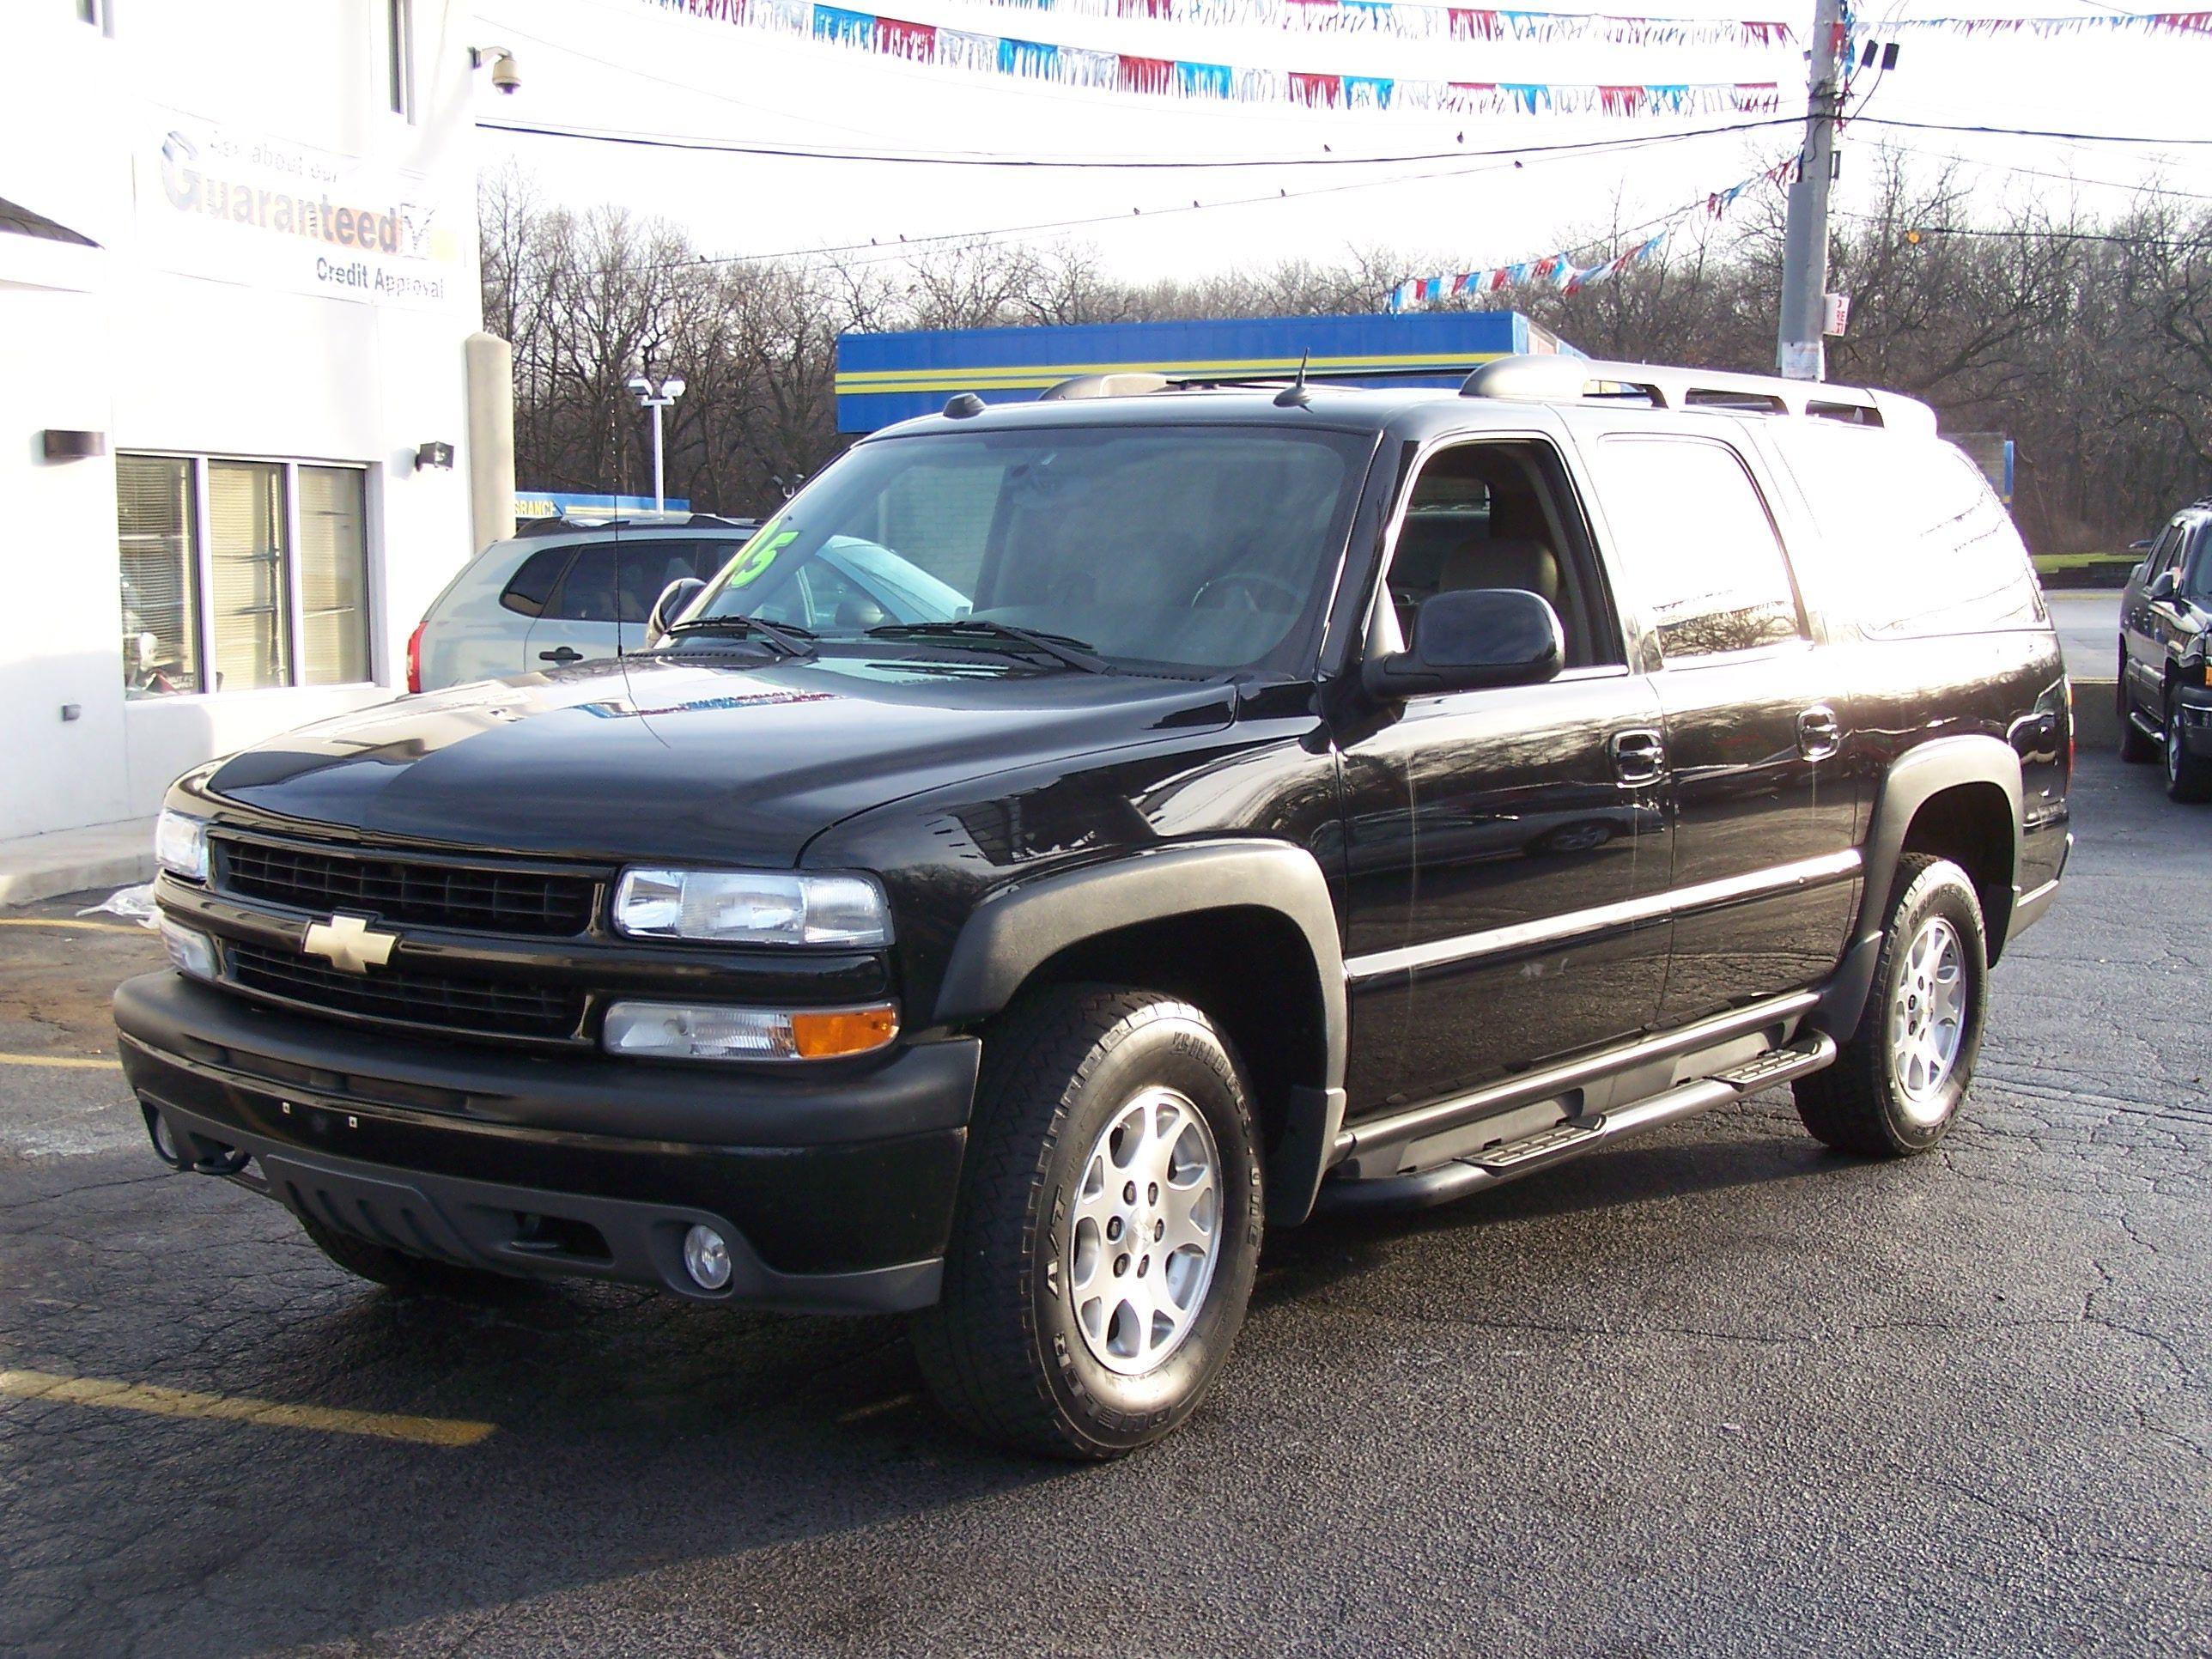 2005 Chevy Suburban Www Transitmotor Com Chevrolet Suburban